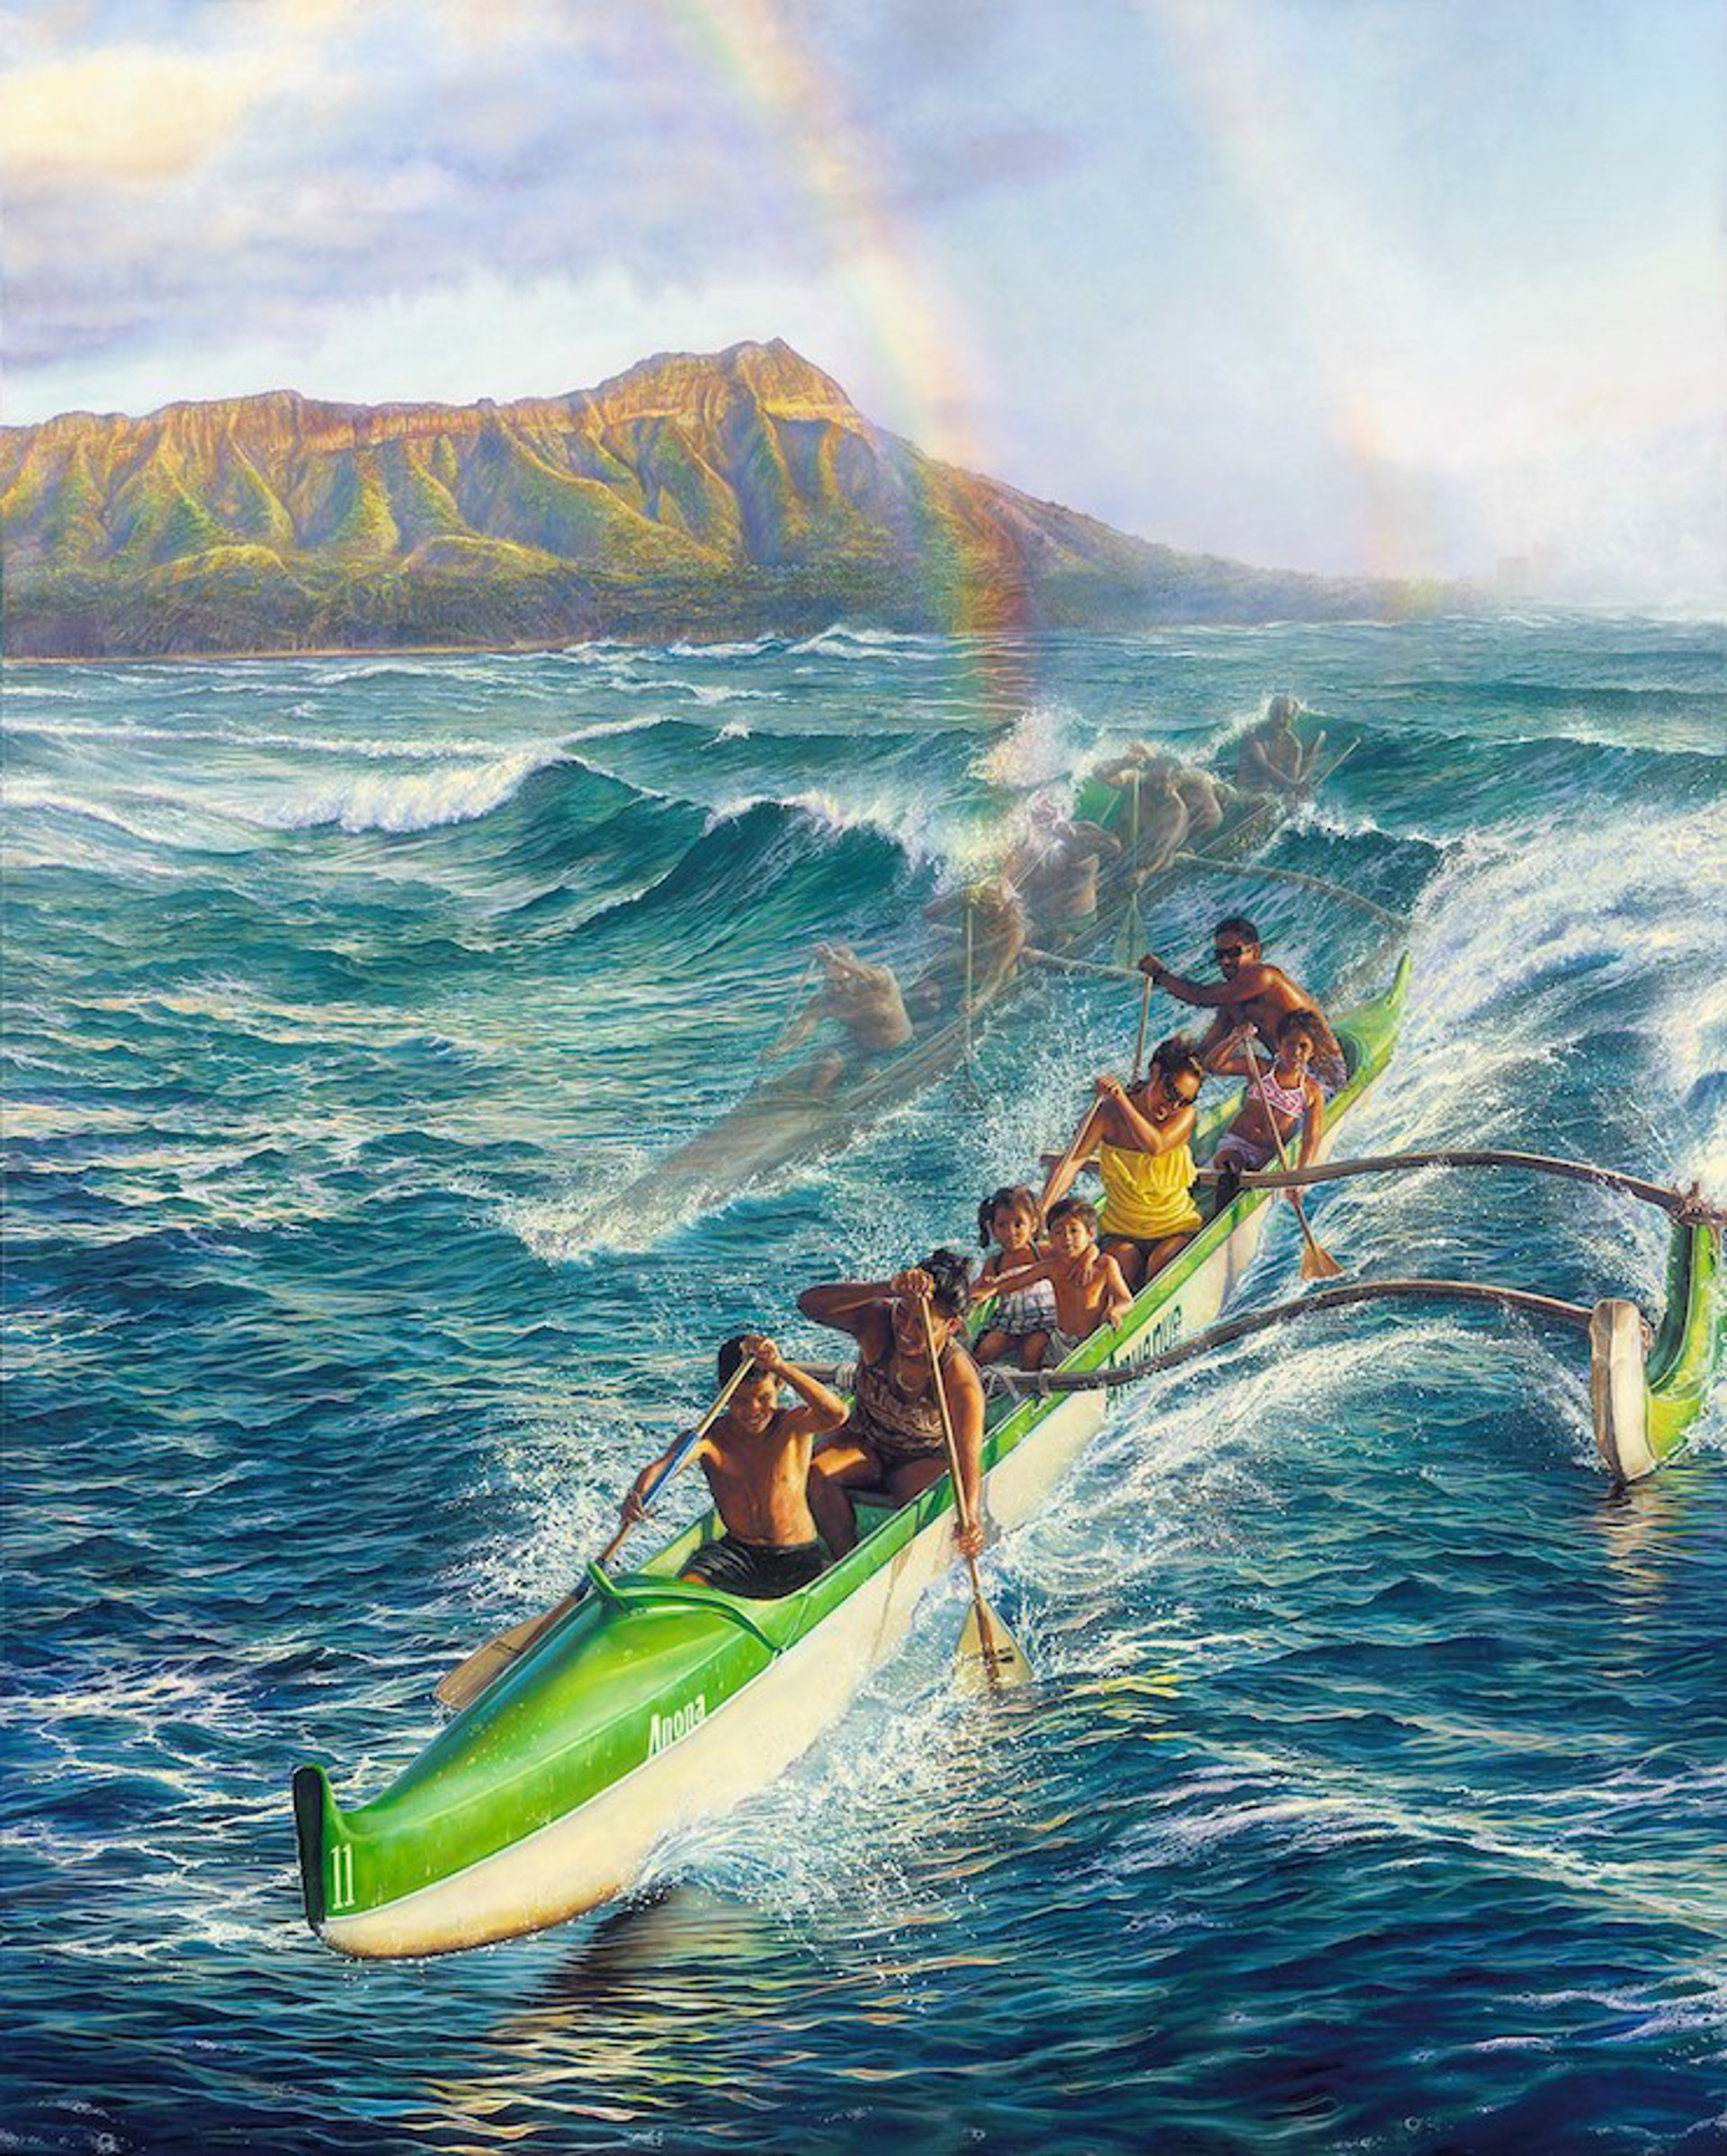 Ke 'Ano 'Ano O Ke 'Anuenue (Surfing Canoes) by Leohone